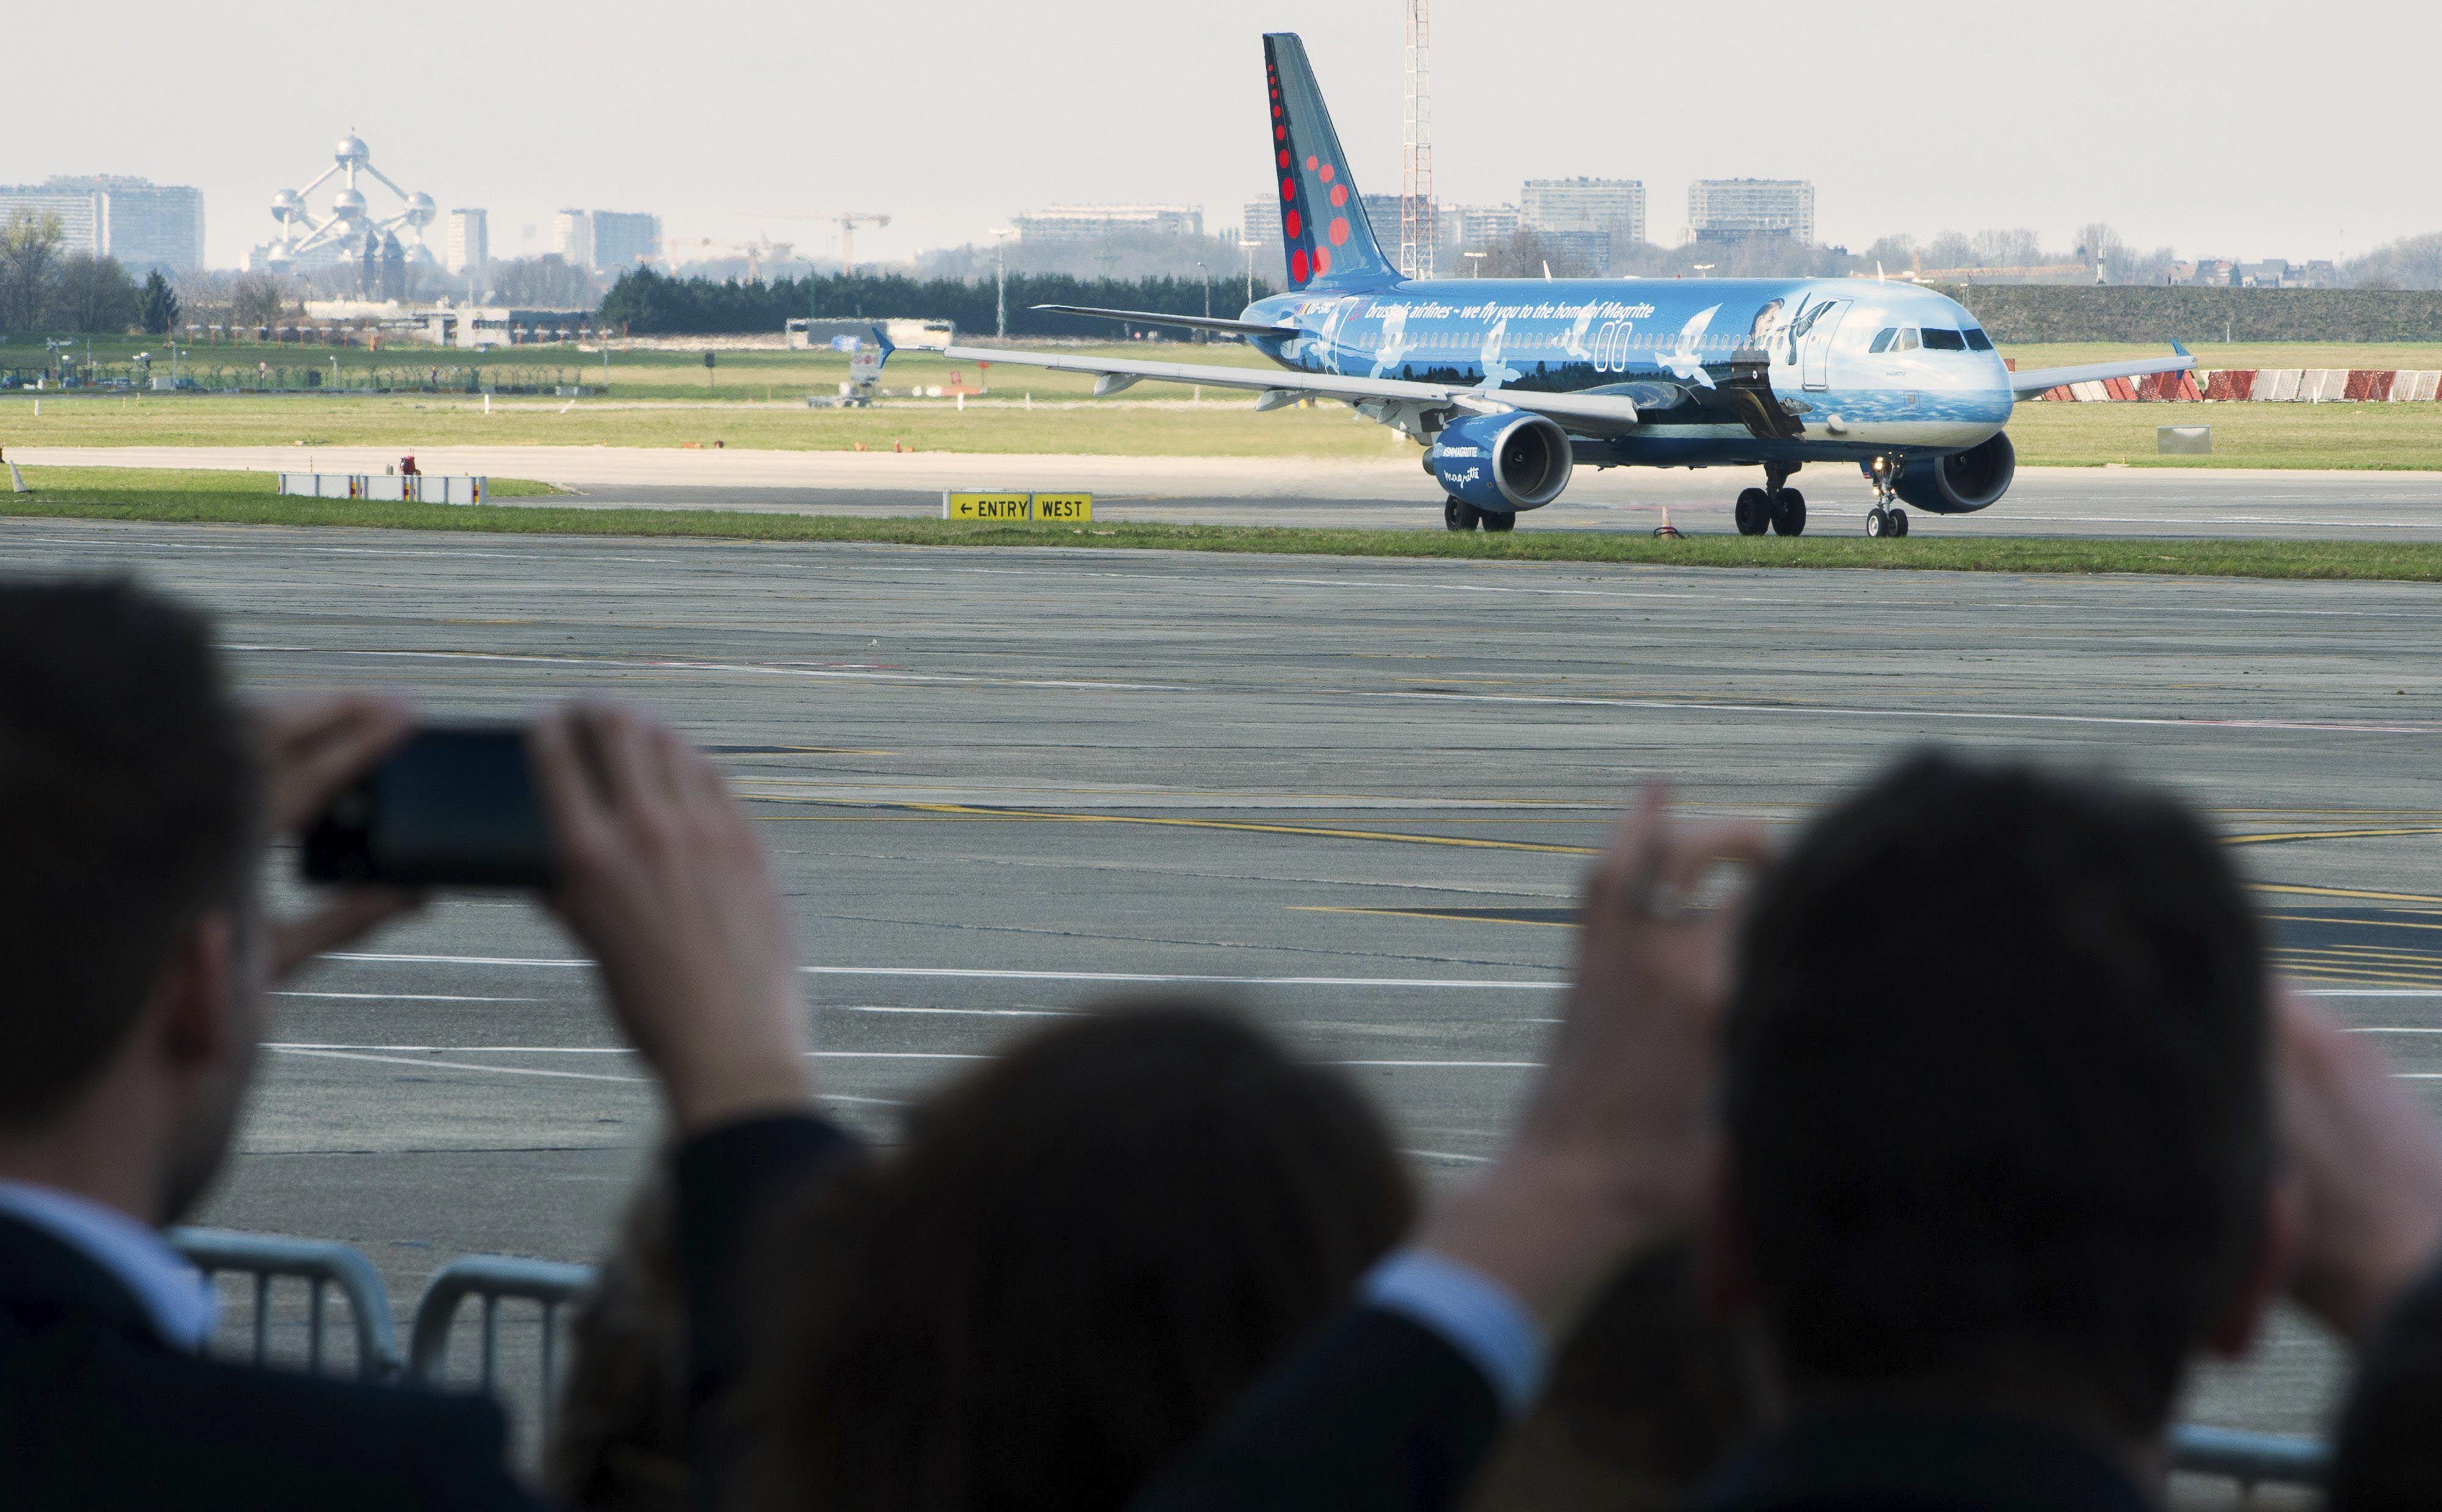 Bélgica se levanta. El aparato de Brussels Airline despegó pasado el mediodía local. Dos ministros asistieron a la partida